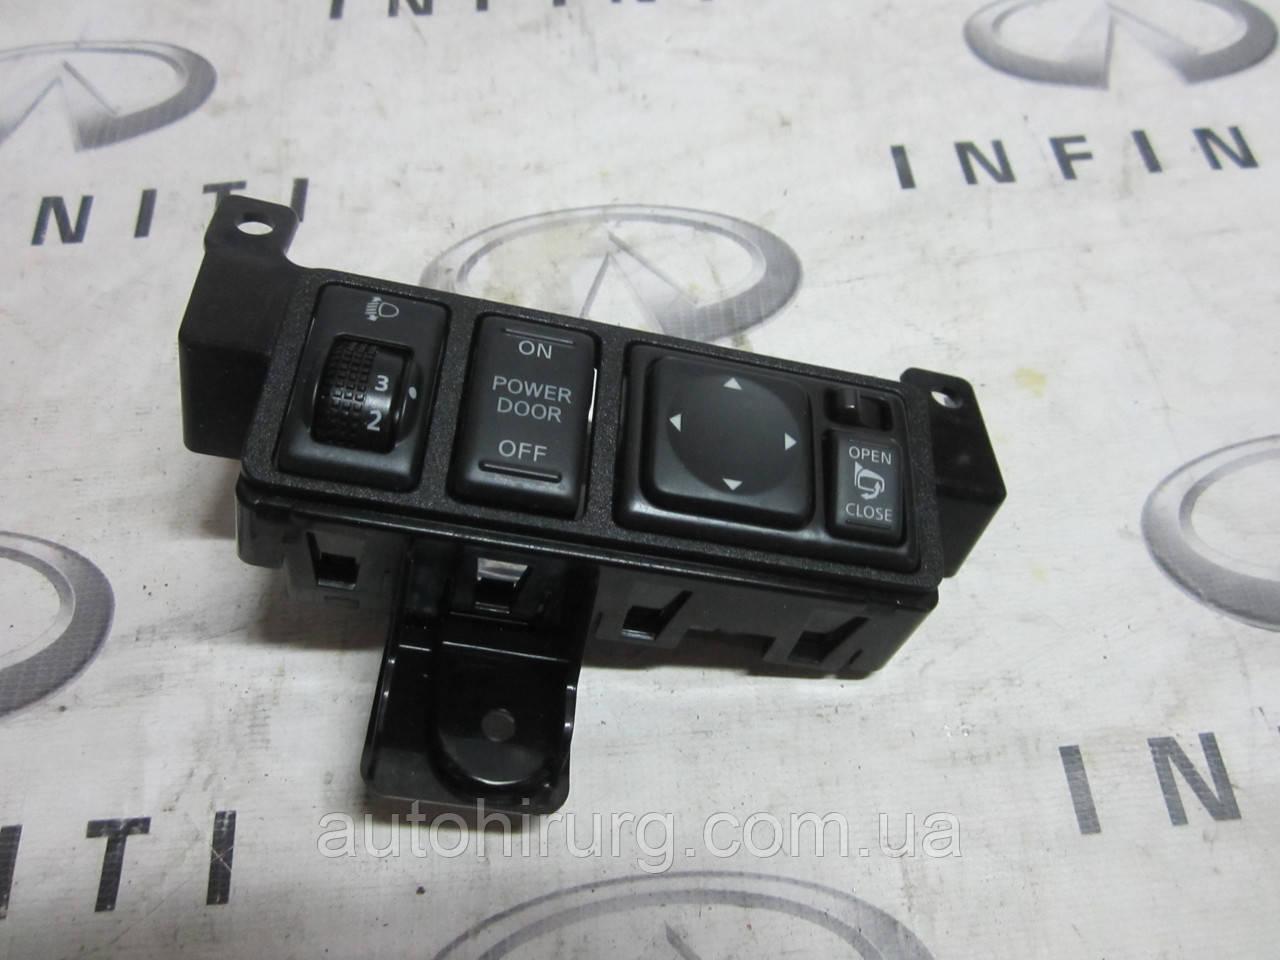 Панель управления фарами Infiniti Qx56 / Qx80 - Z62